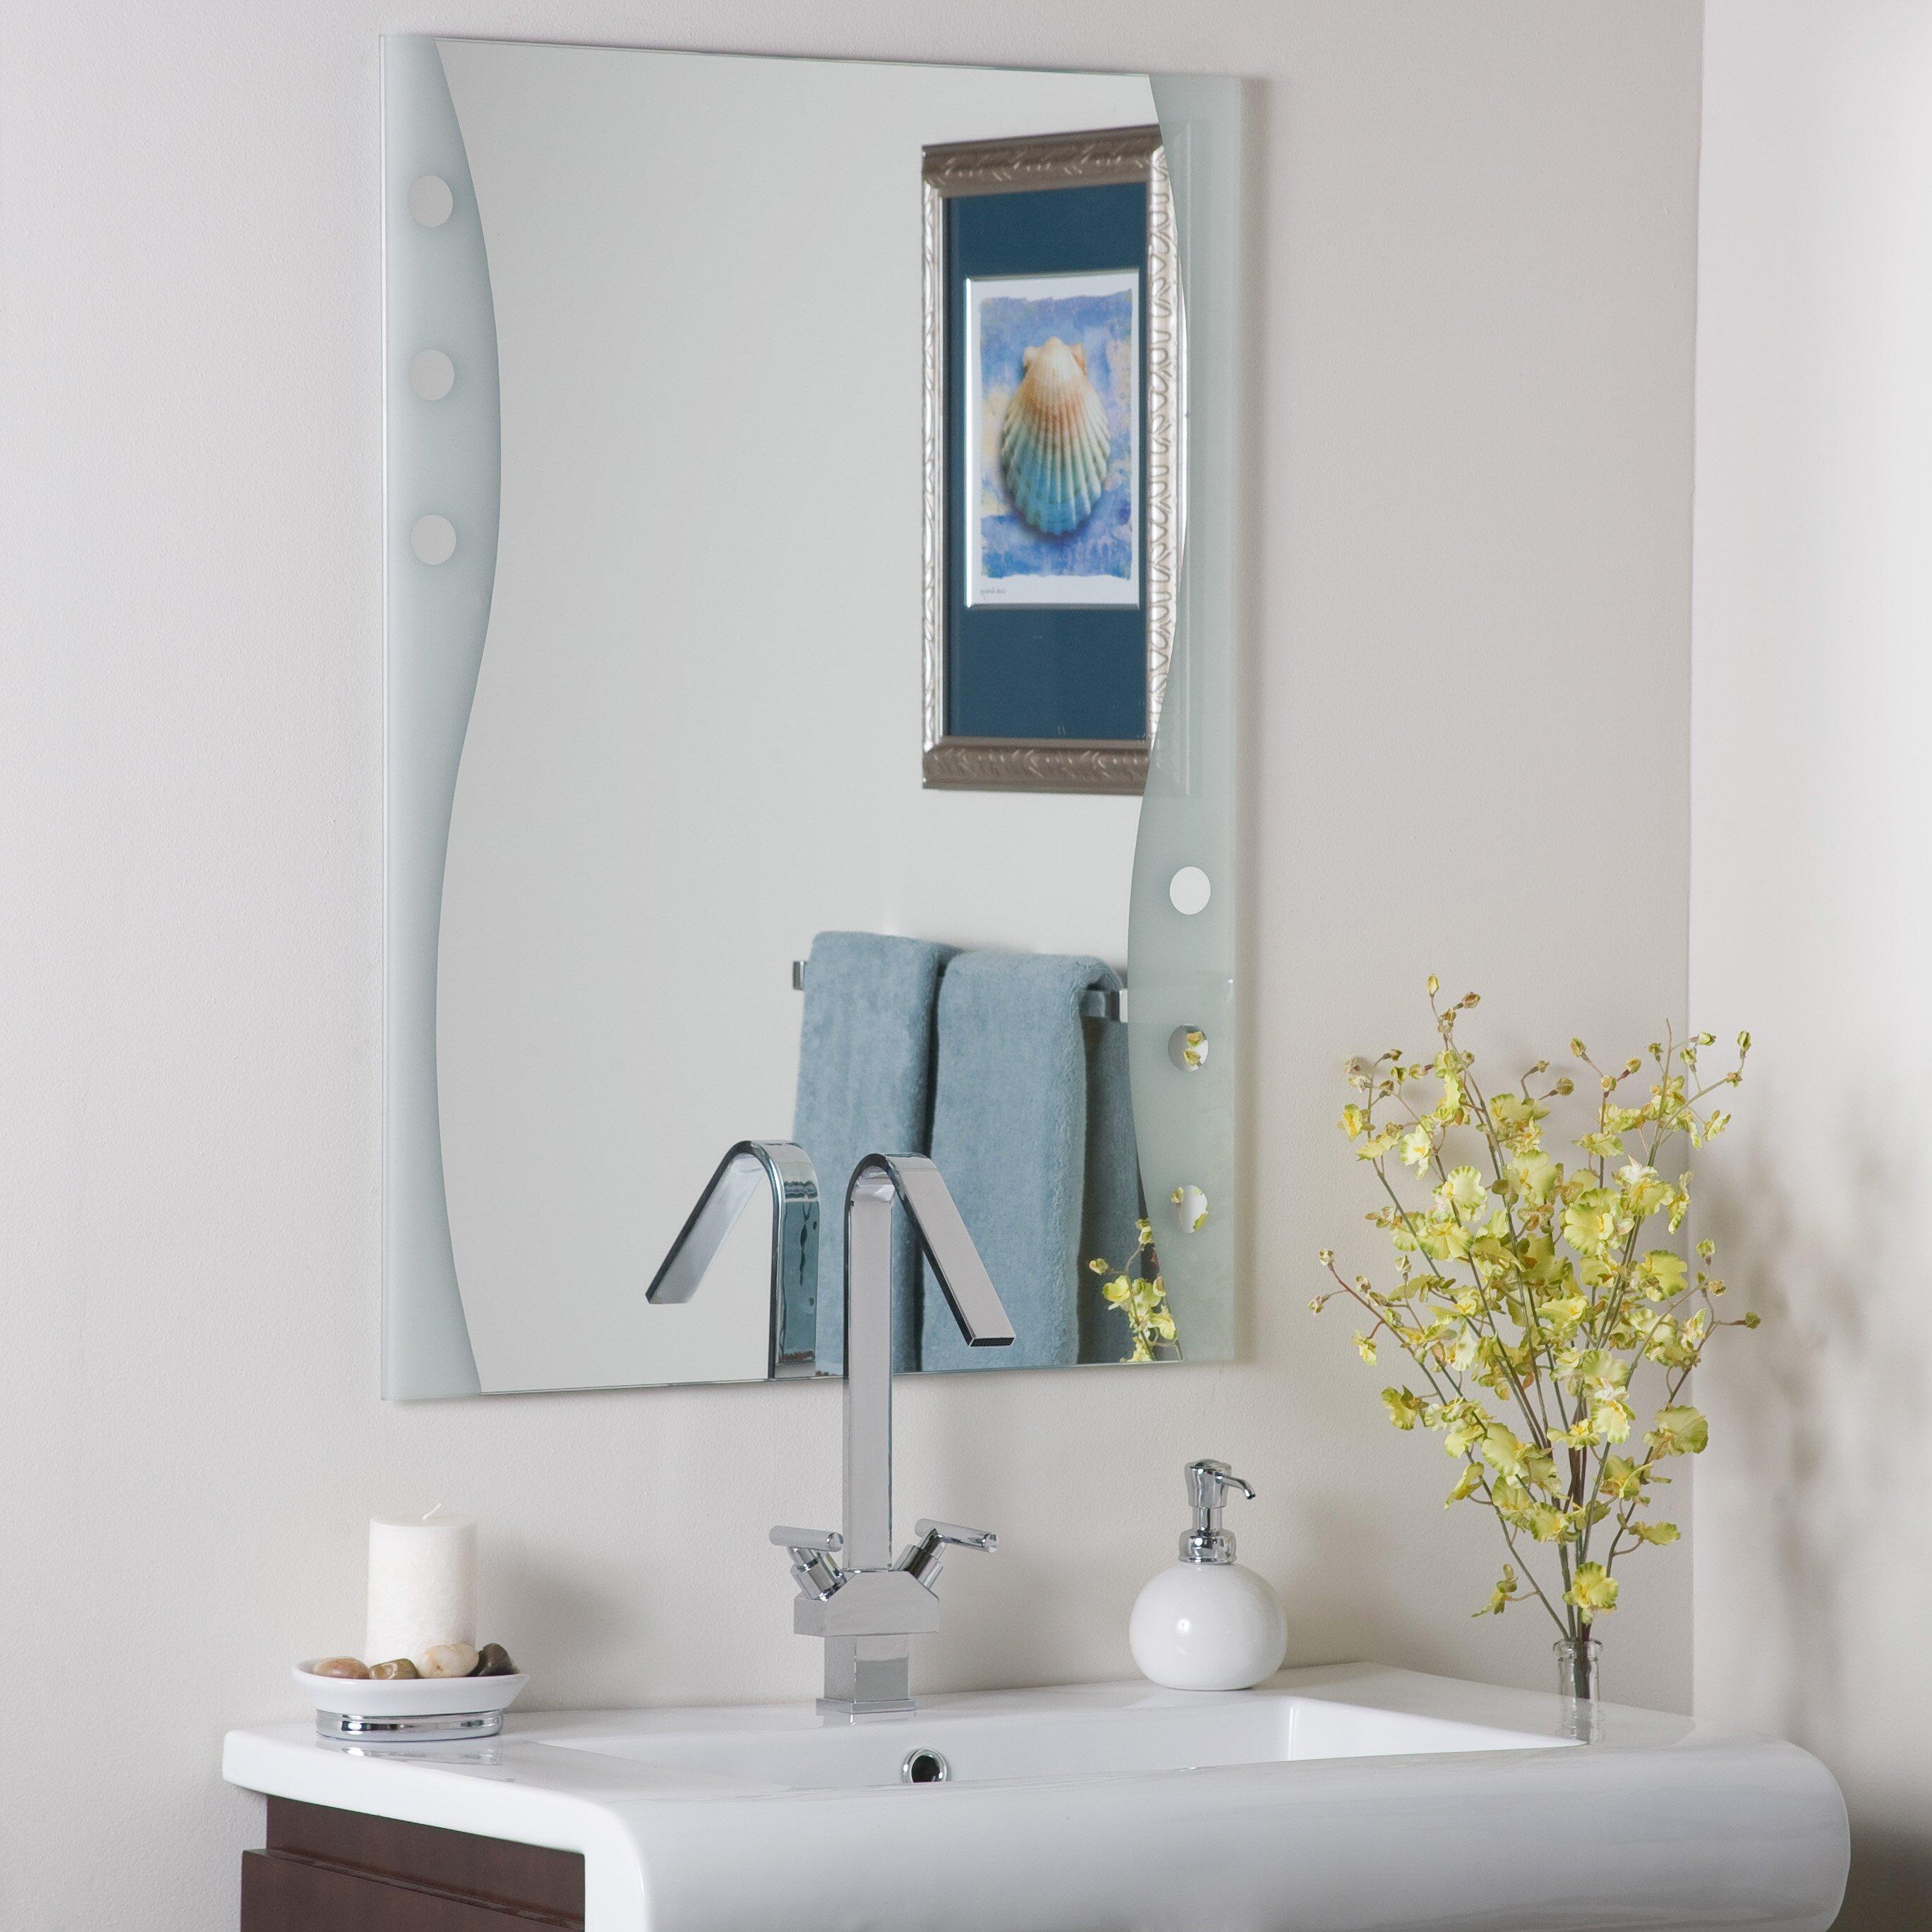 Decor Wonderland Frameless Maritime Wall Mirror & Reviews ...